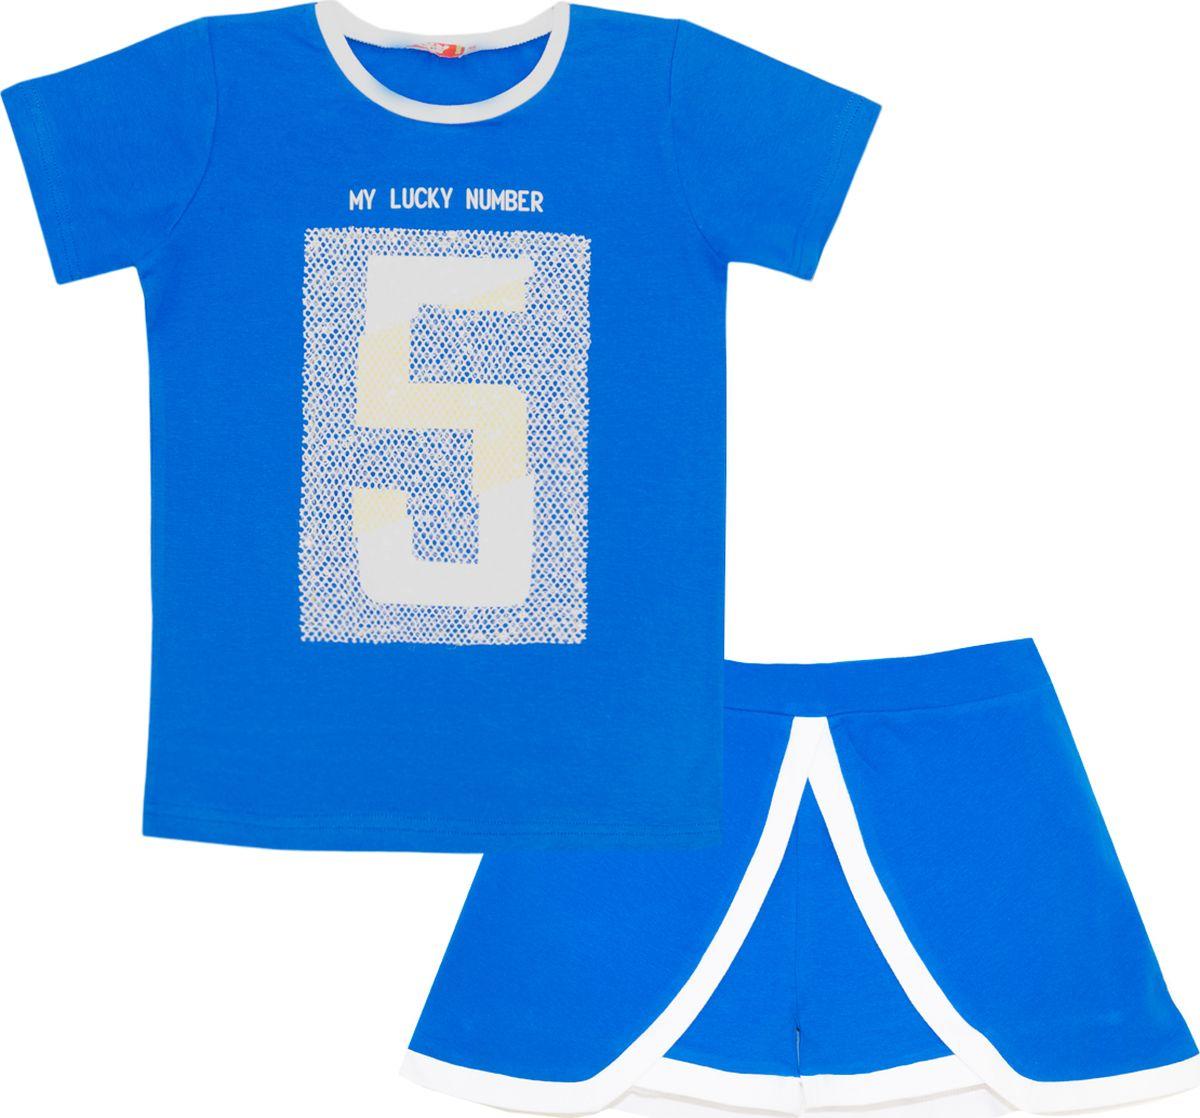 Комплект одежды для девочки Let's Go: футболка, шорты, цвет: темно-синий, малиновый. 4121. Размер 164 спортивный костюм для девочки let s go цвет фиолетовый 11114 размер 164